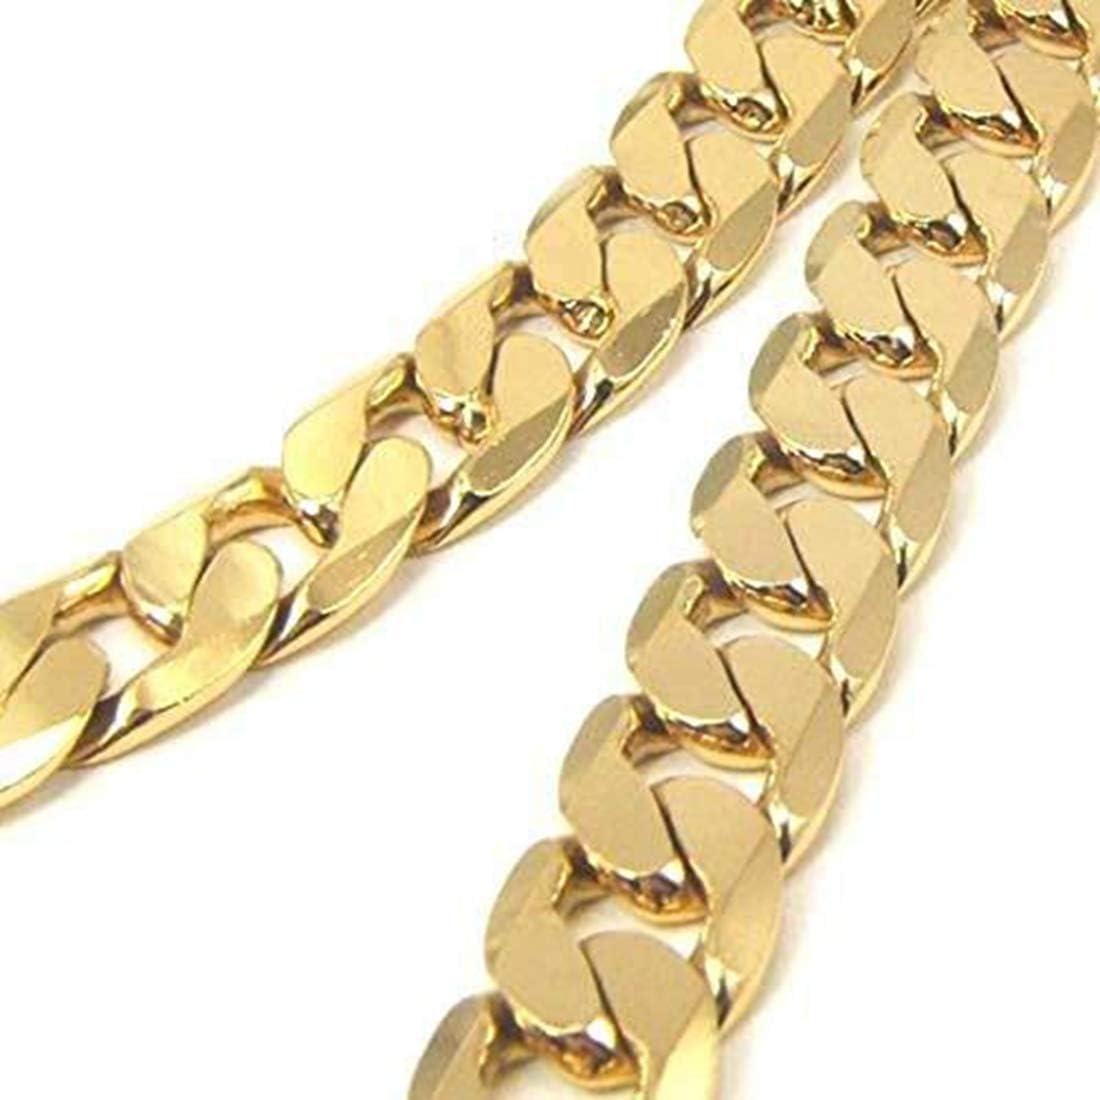 Desconocido 24K Chapado en Oro 8mm para Hombre Collar Miami Cubano Cadena de eslabones para Hombre Joyería 24